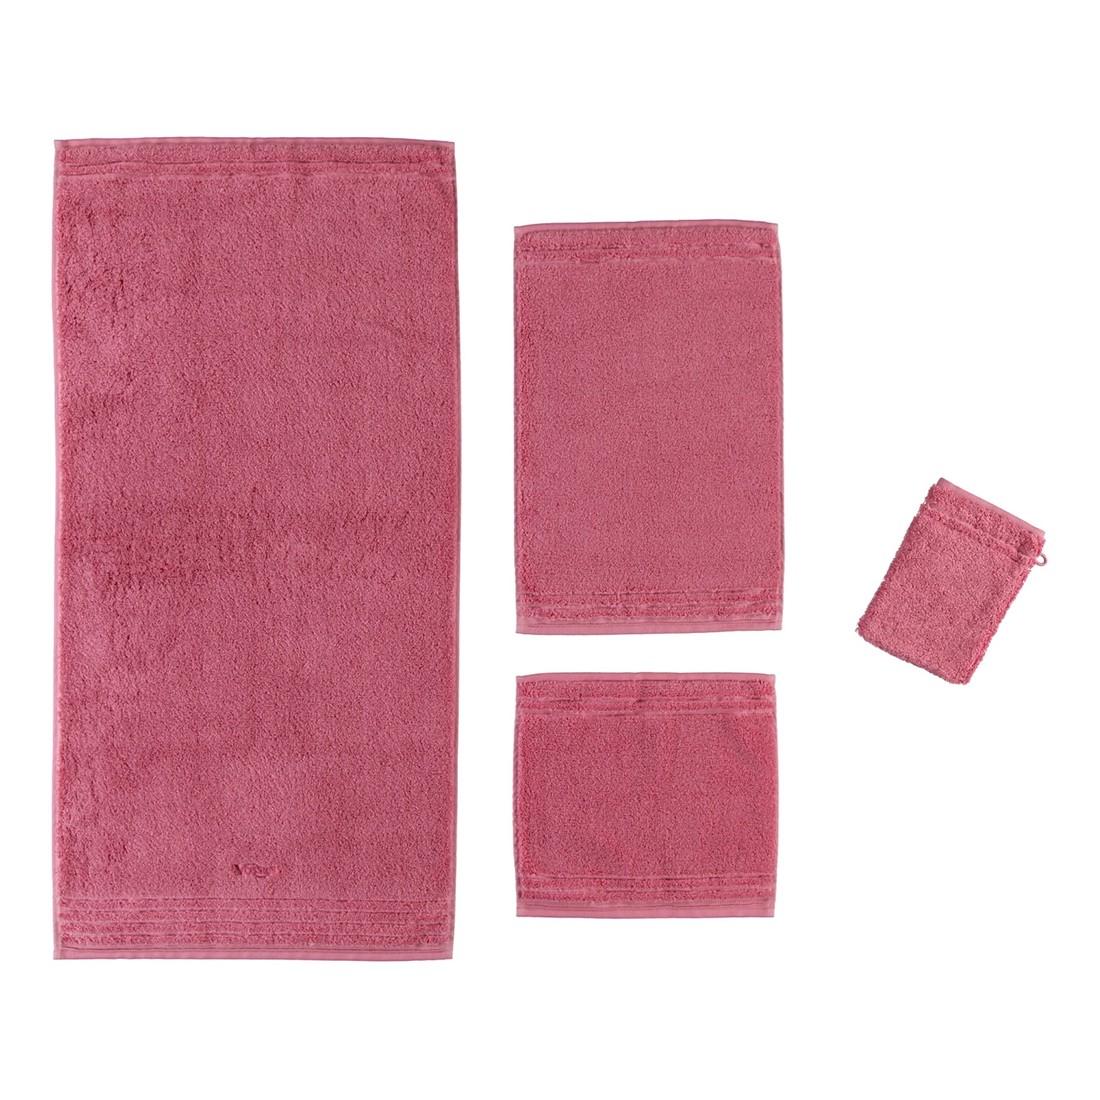 Handtuch Vienna Style Supersoft – 100% Baumwolle tea Pink – 330 – Seiflappen: 30 x 30 cm, Vossen jetzt kaufen